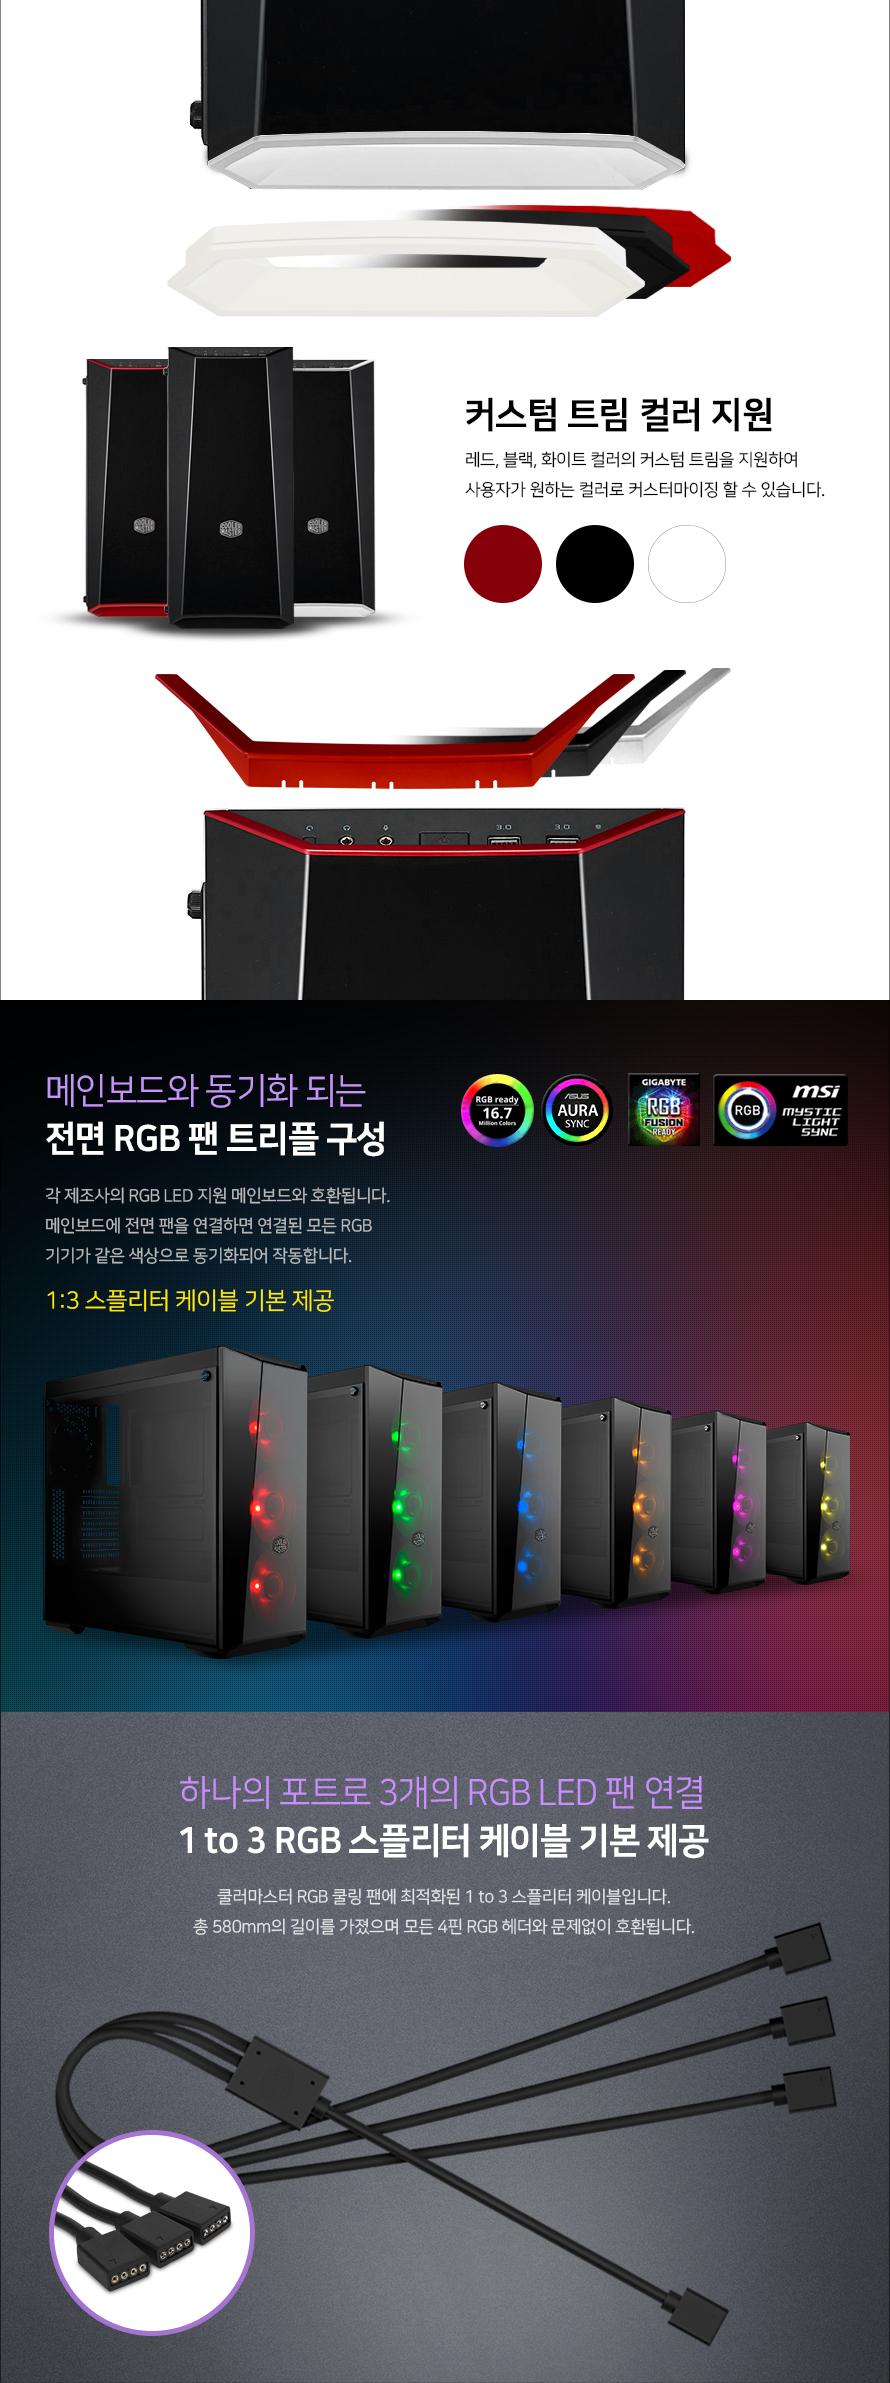 커스텀 트림 컬러 지원레드, 블랙, 화이트 컬러의 커스텀 트림을 지원하여사용자가 원하는 컬러로 커스터마이징 할 수 있습니다.메인보드와 동기화 되는전면 RGB 팬 트리플 구성각 제조사의 RGB LED 지원 메인보드와 호환됩니다.메인보드에 전면 팬을 연결하면 연결된 모든 RGB 기기가 같은 색상으로 동기화되어 작동합니다.하나의 포트로 3개의 RGB LED 팬 연결1 to 3 RGB 스플리터 케이블 기본 제공쿨러마스터 RGB 쿨링 팬에 최적화된 1 to 3 스플리터 케이블입니다.총 580mm의 길이를 가졌으며 모든 4핀 RGB 헤더와 문제없이 호환됩니다.